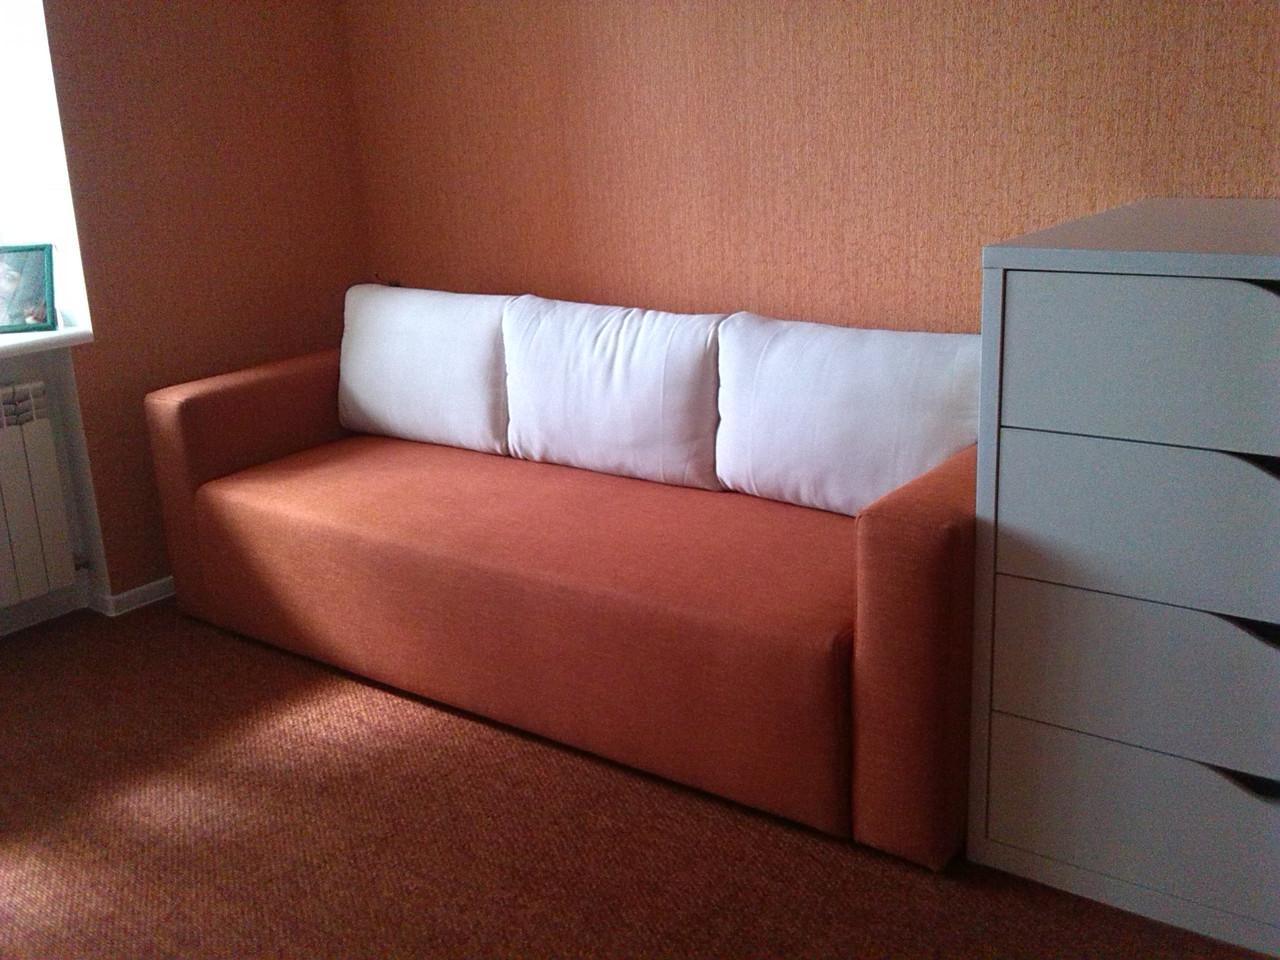 Перетяжка дивана. Перетяжка диванов Днепр. Качественная перетяжка.